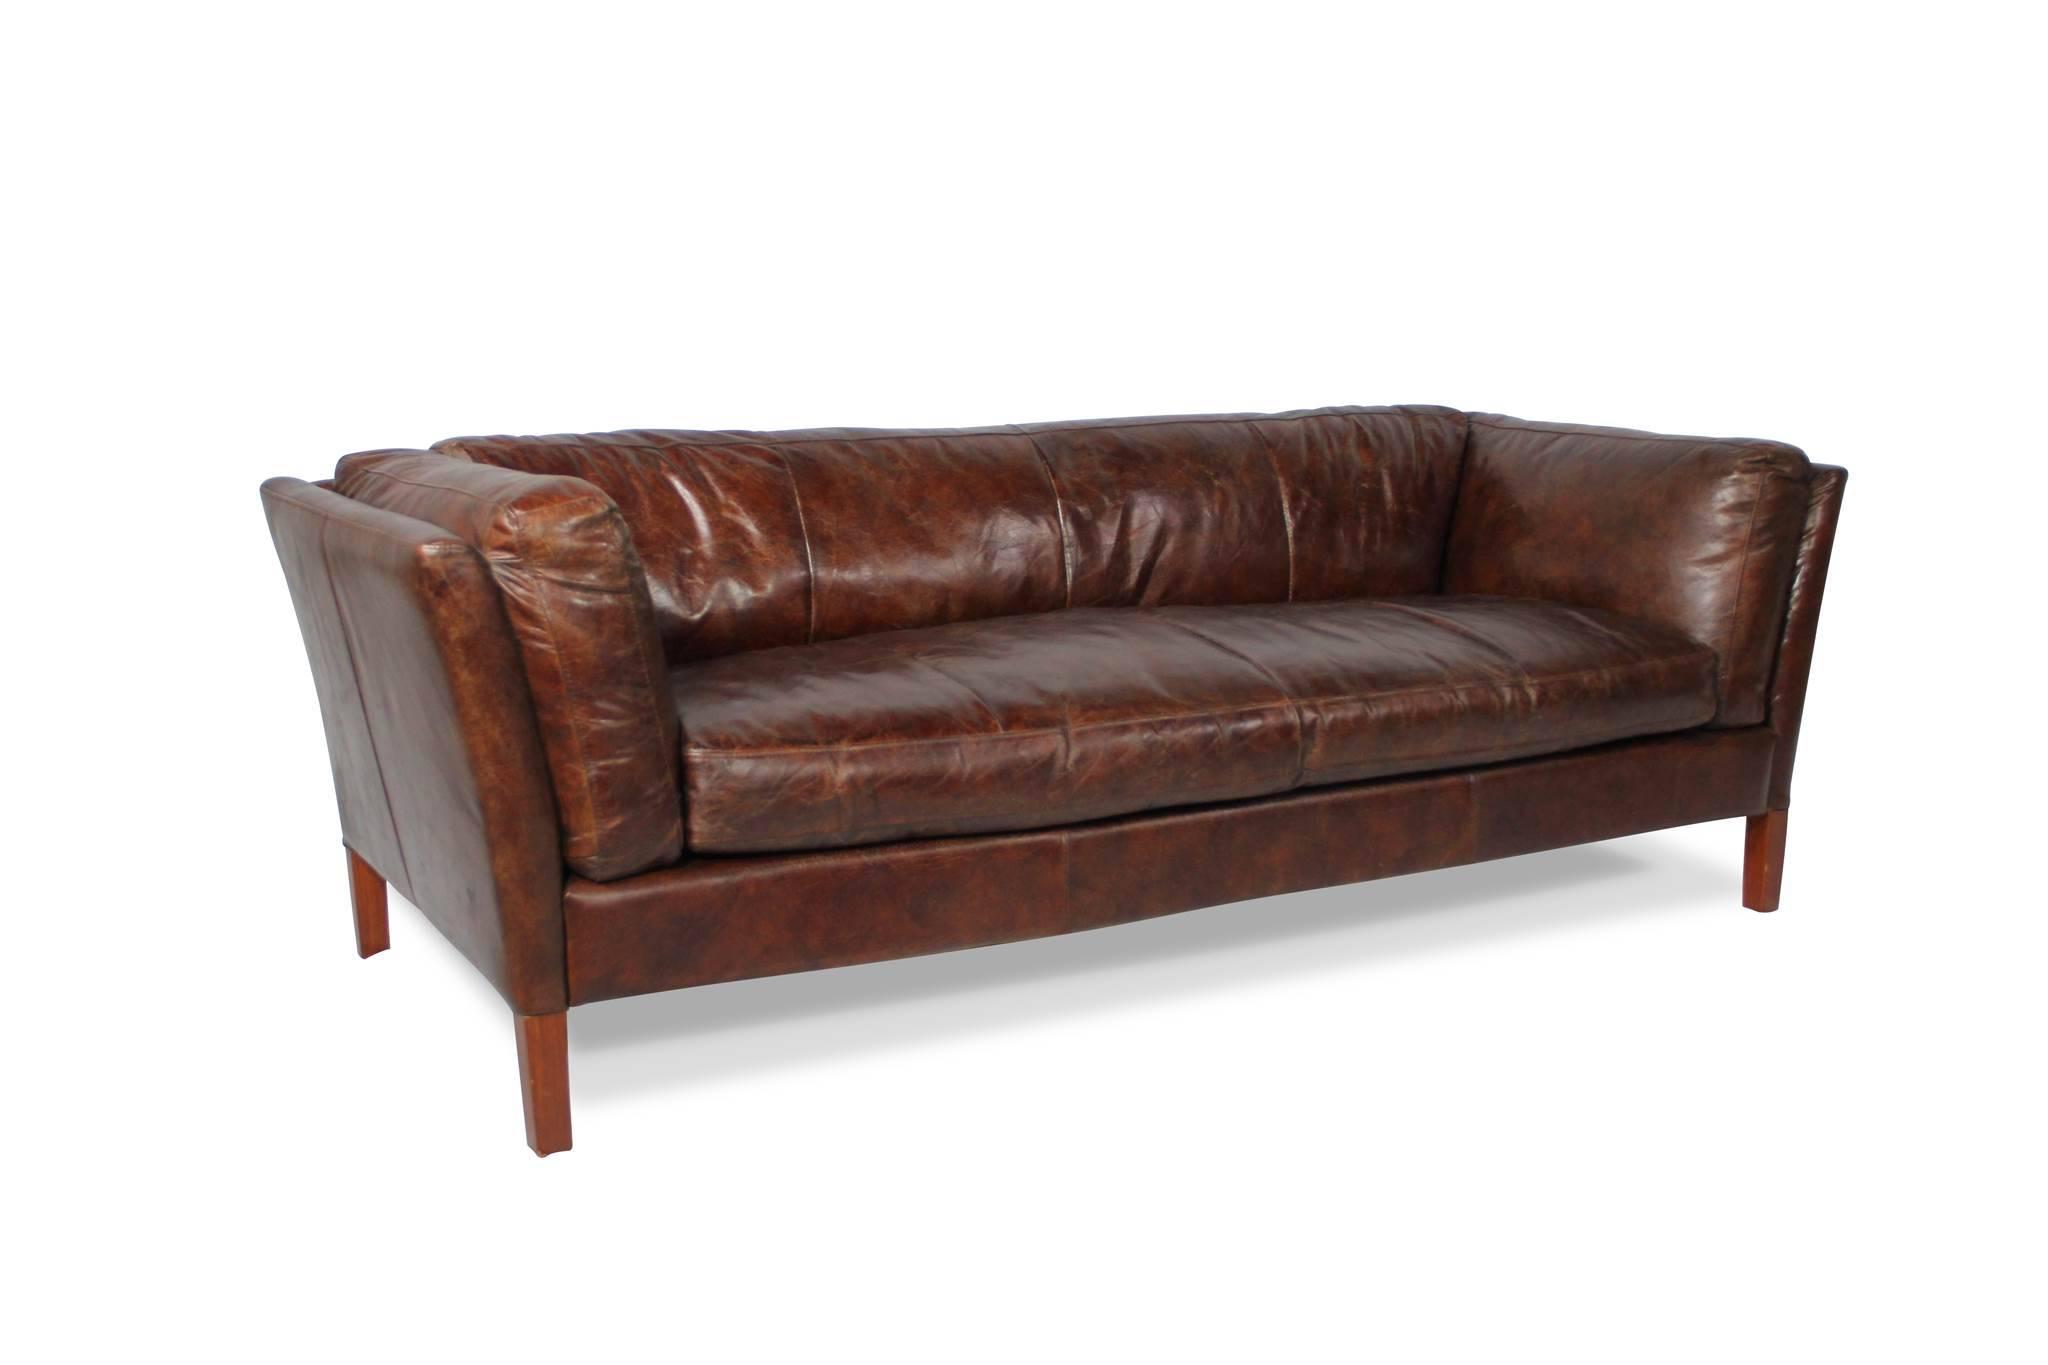 Leder Vintage Möbel -40% - Sofas & Polstergruppen